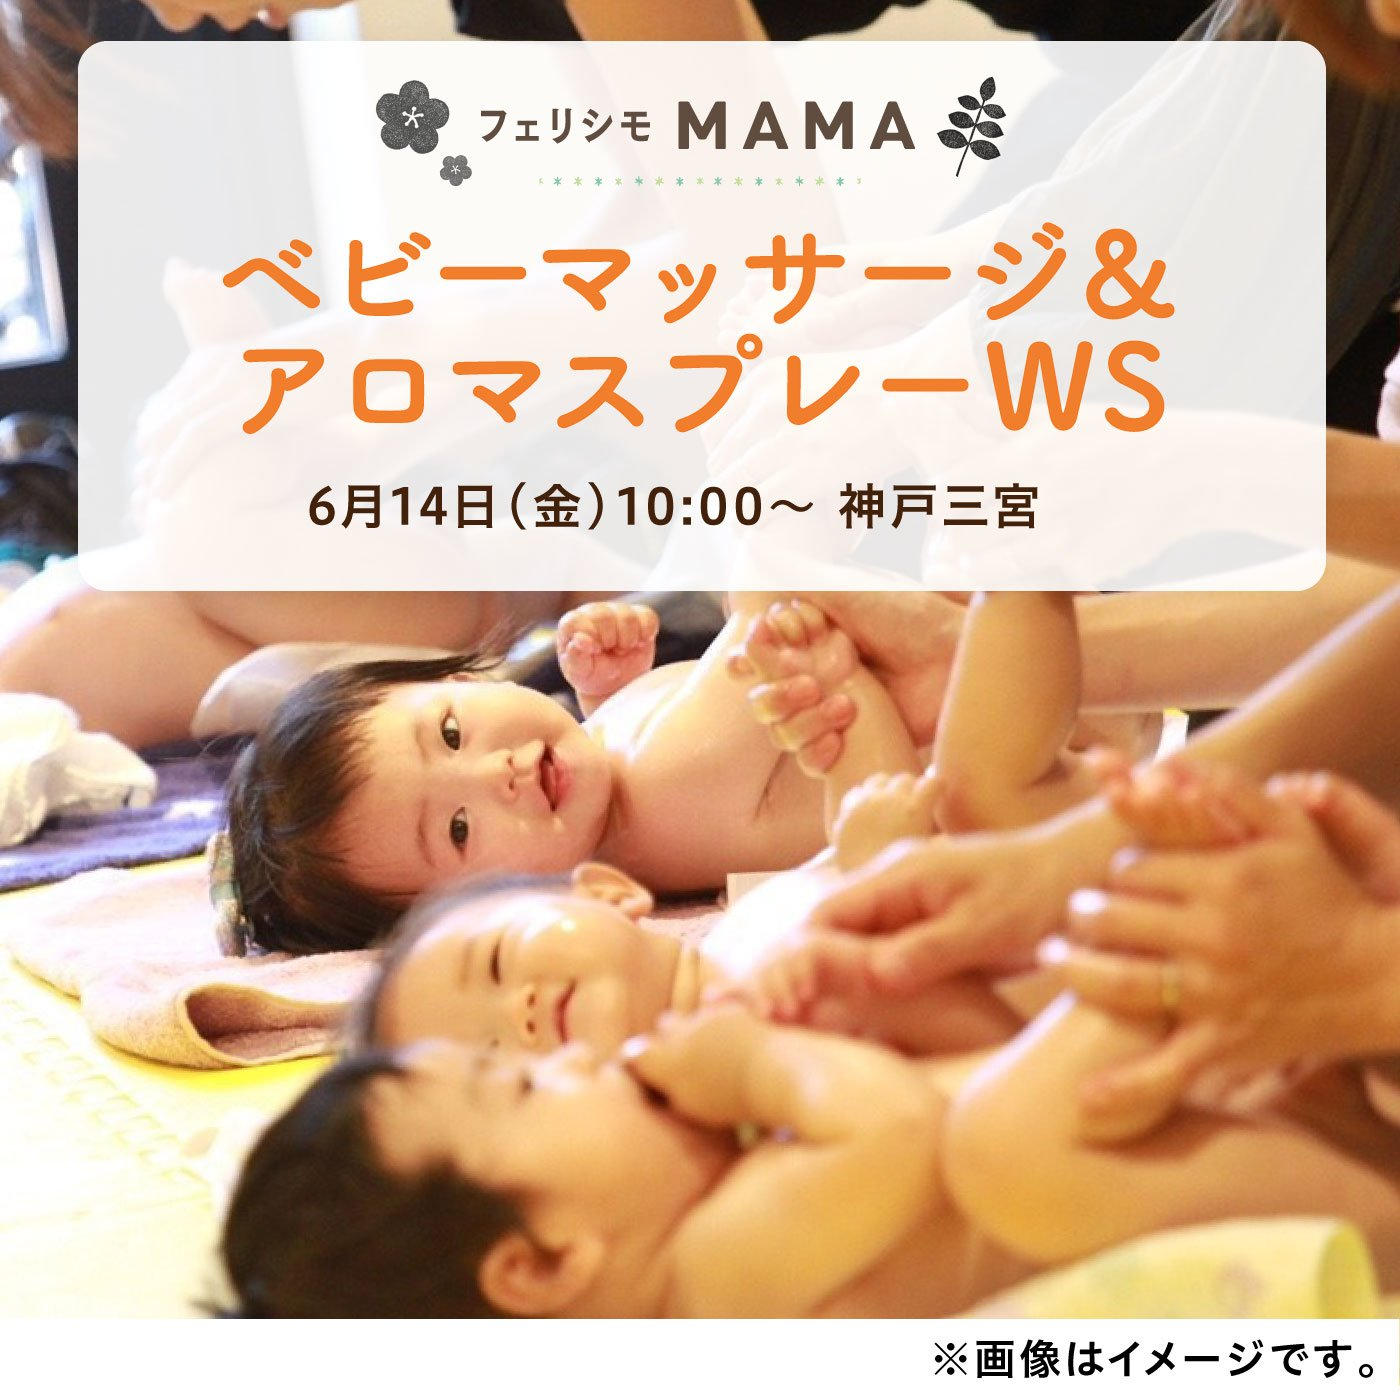 〈フェリシモMAMA〉6月14日(金)ベビーマッサージ・アロマスプレーワークショップ&座談会